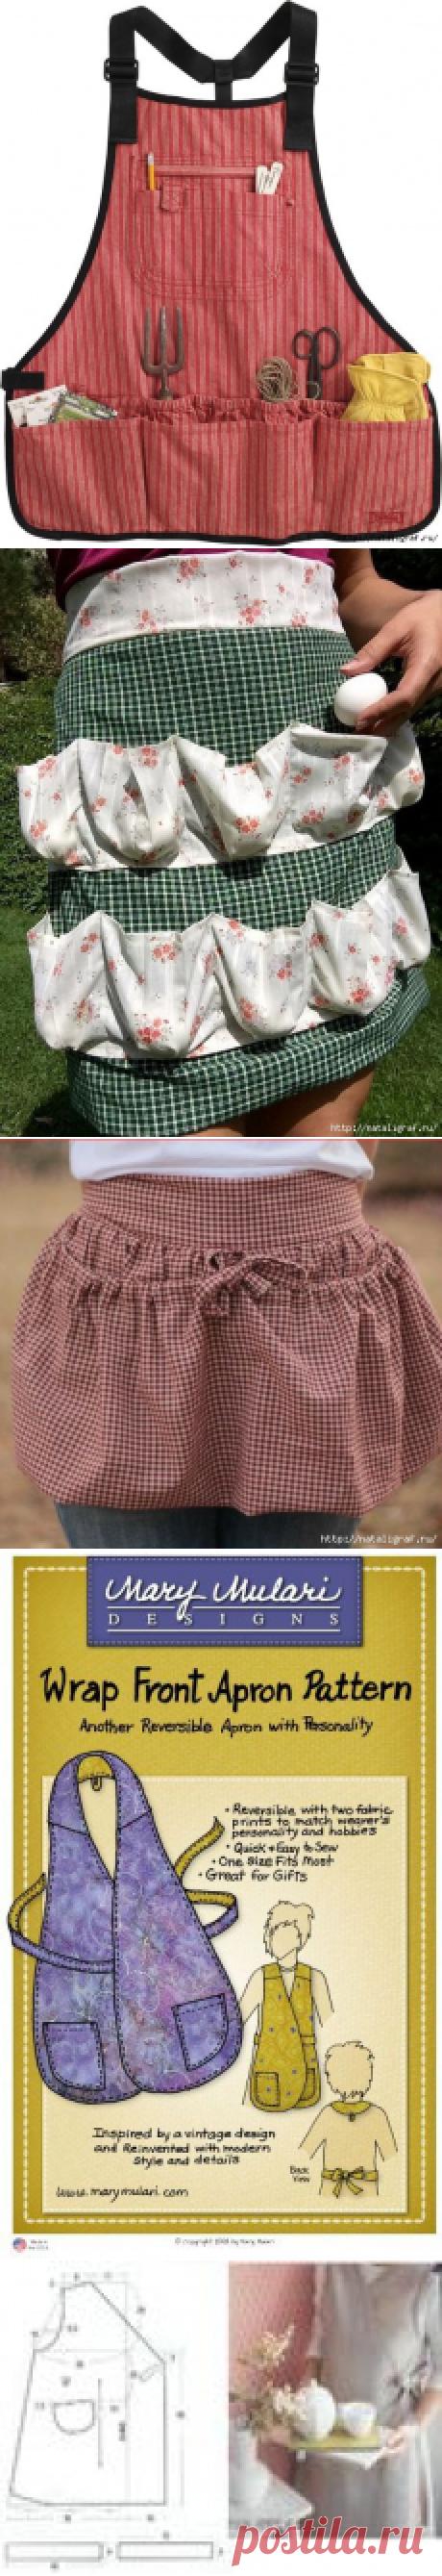 Фартуки: удобные и практичные. Со схемами-выкройками. Женские и мужские. Практичные и сексуальные, деловые и рабочие. И сшить их можно из того, что в шкафу завалялось: старые джинсы, мужские рубашки, остатки тканей, лён и хлопок, шёлк и т.п.